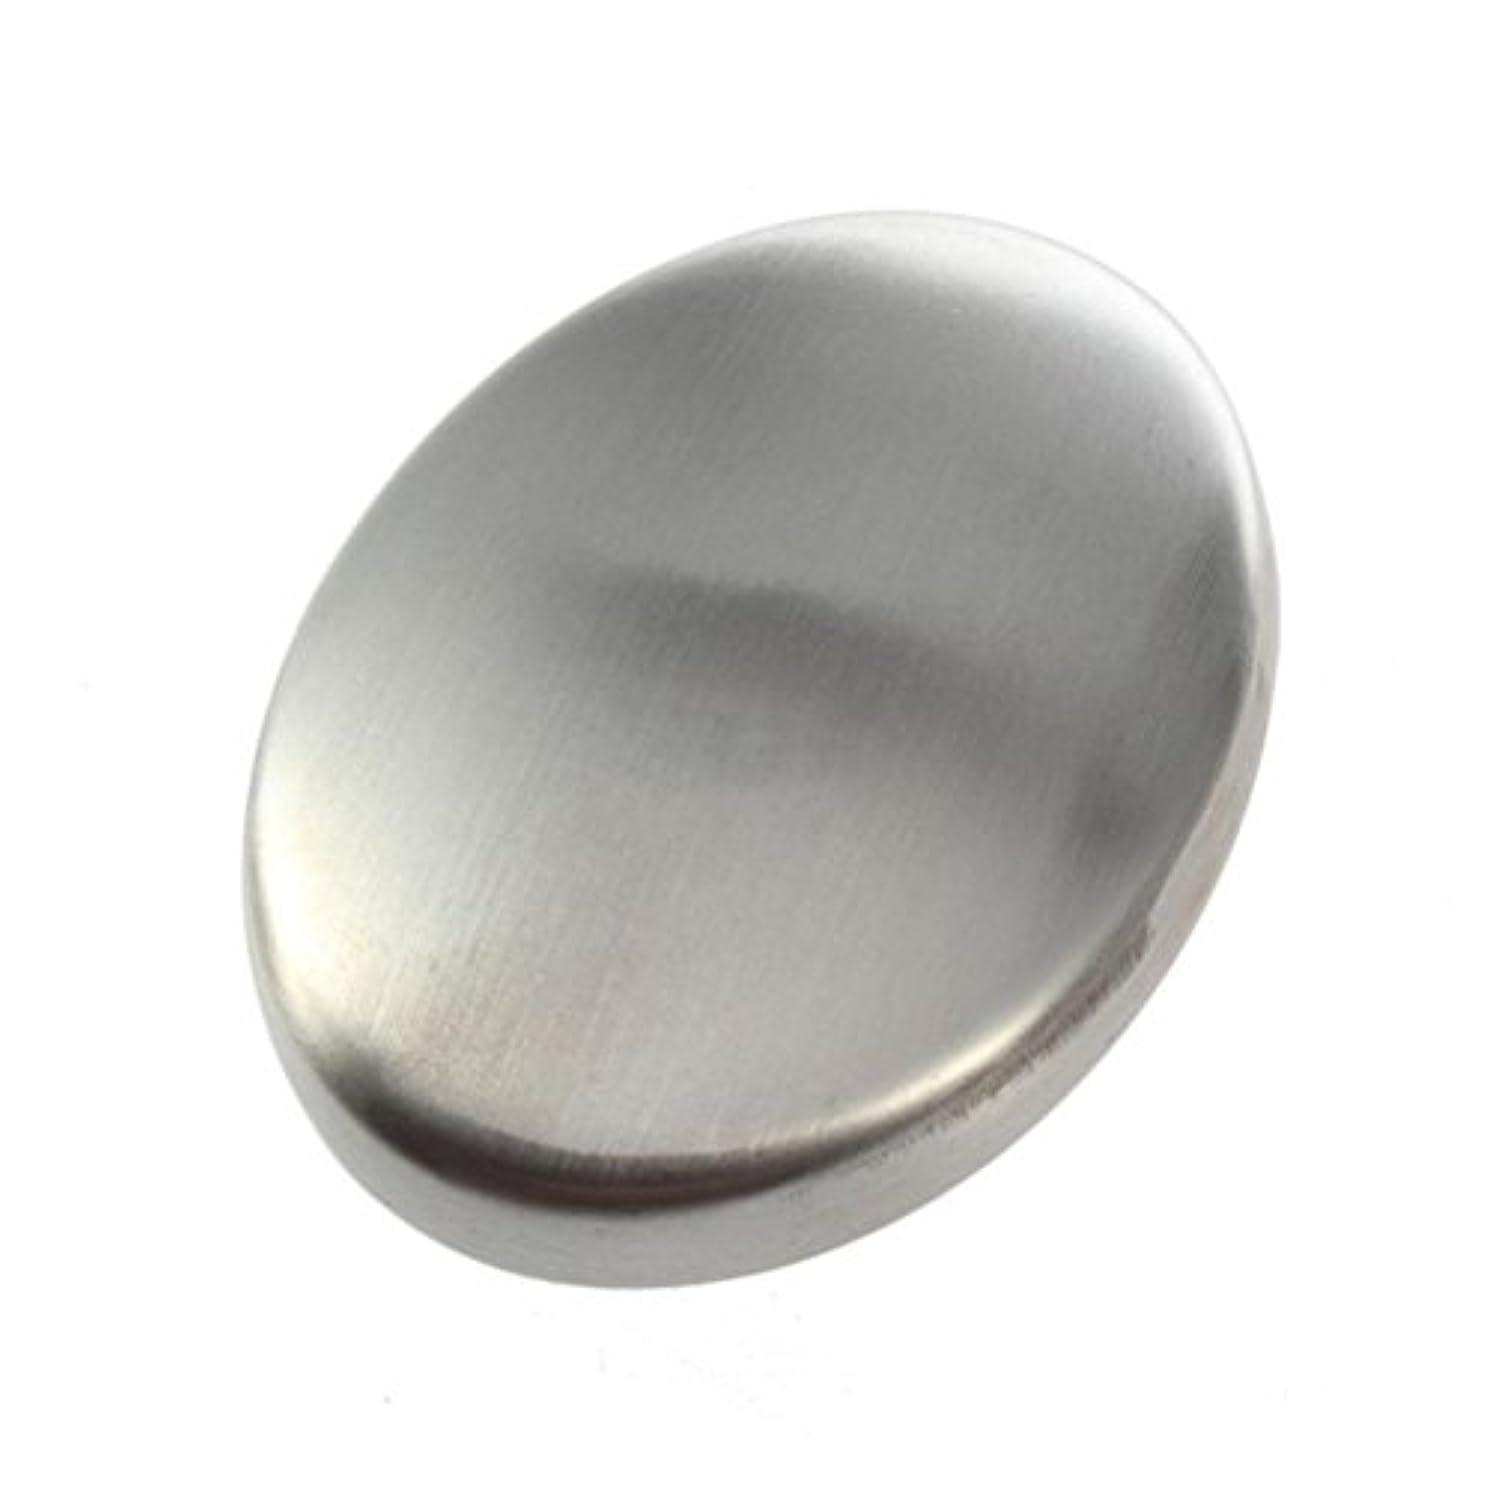 熟読する電池連想Flybloom ステンレス鋼の石鹸の臭気は容易な速く除去の臭いの台所棒楕円形の石鹸のための石鹸を取除きます